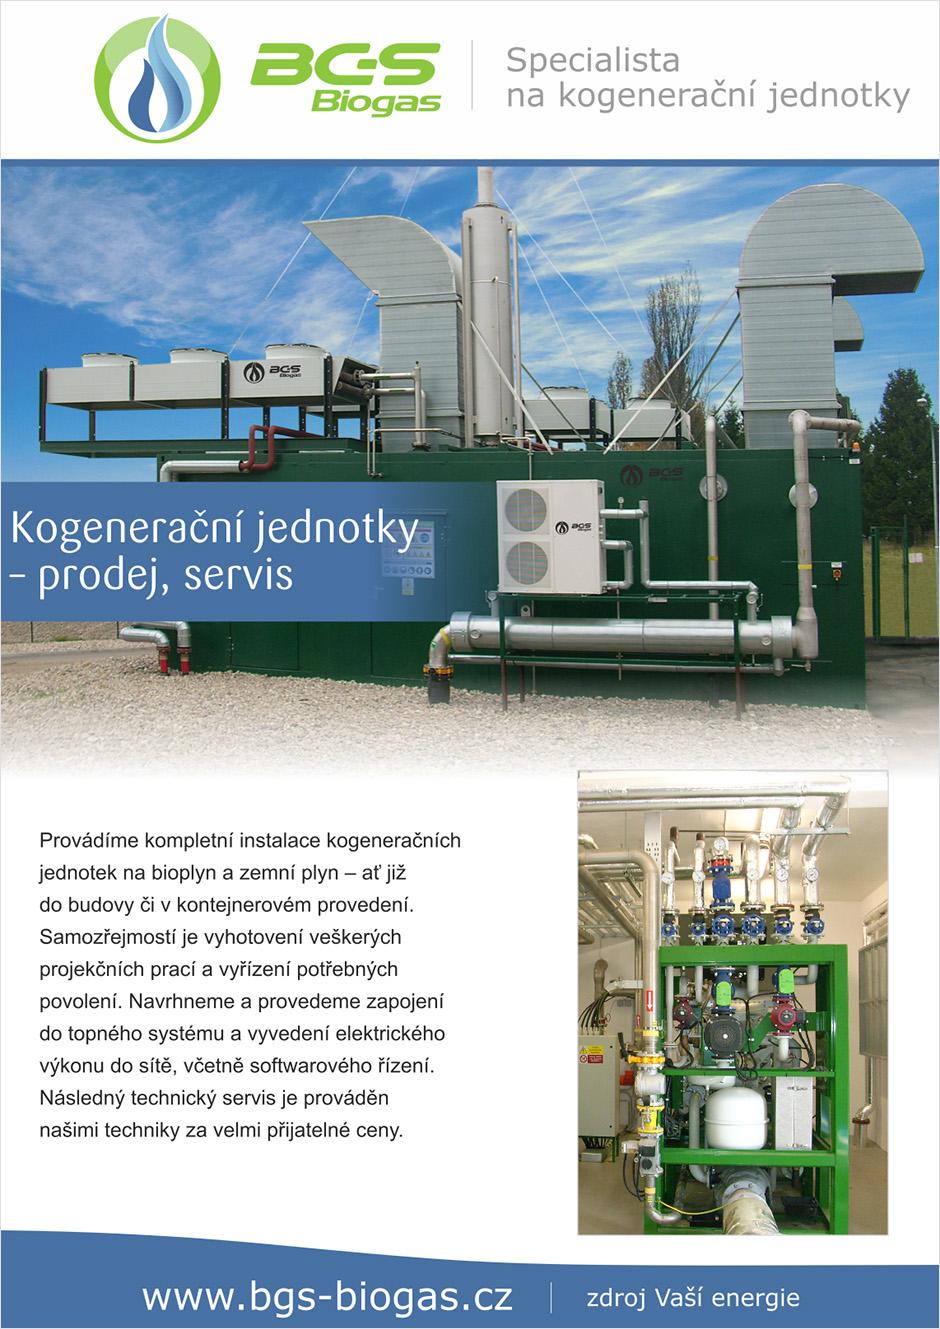 BGS-Biogas-Kogeneracni-jednotky-1